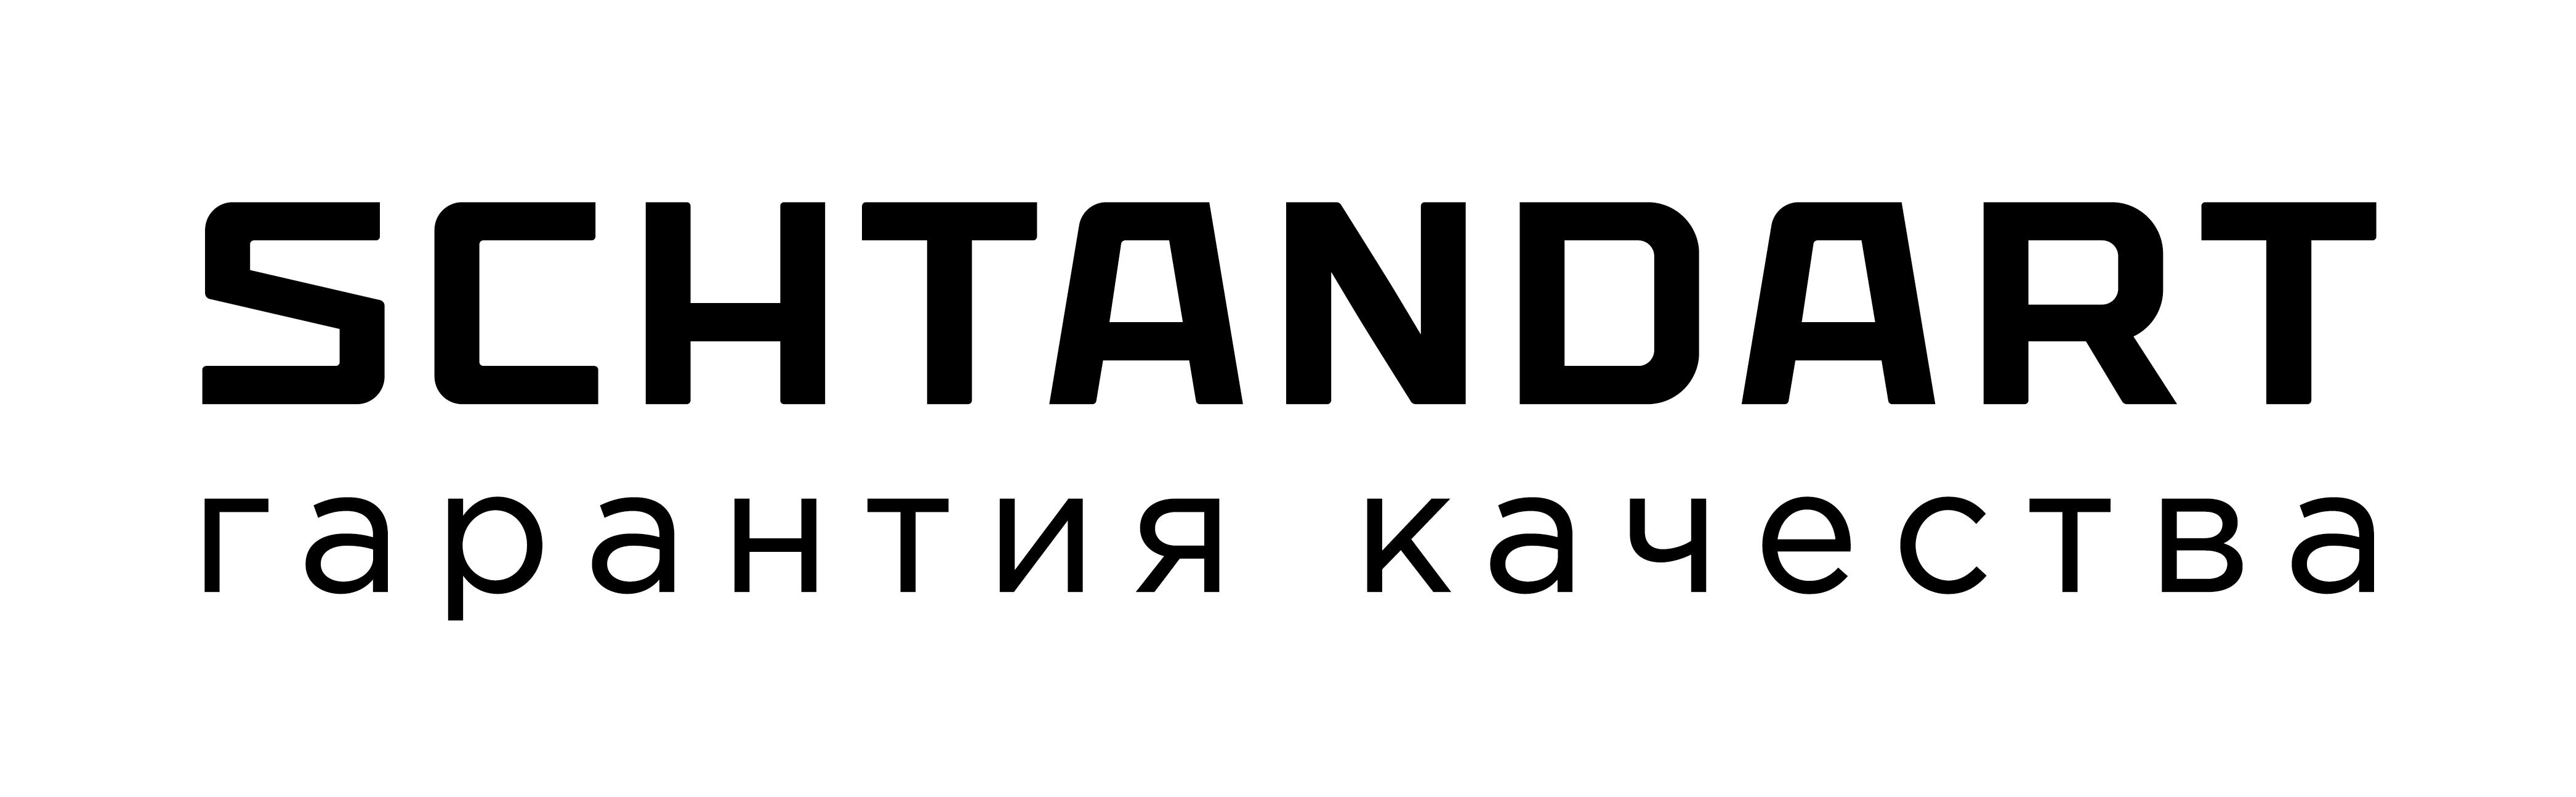 Мое мнение о работе в Штандарте